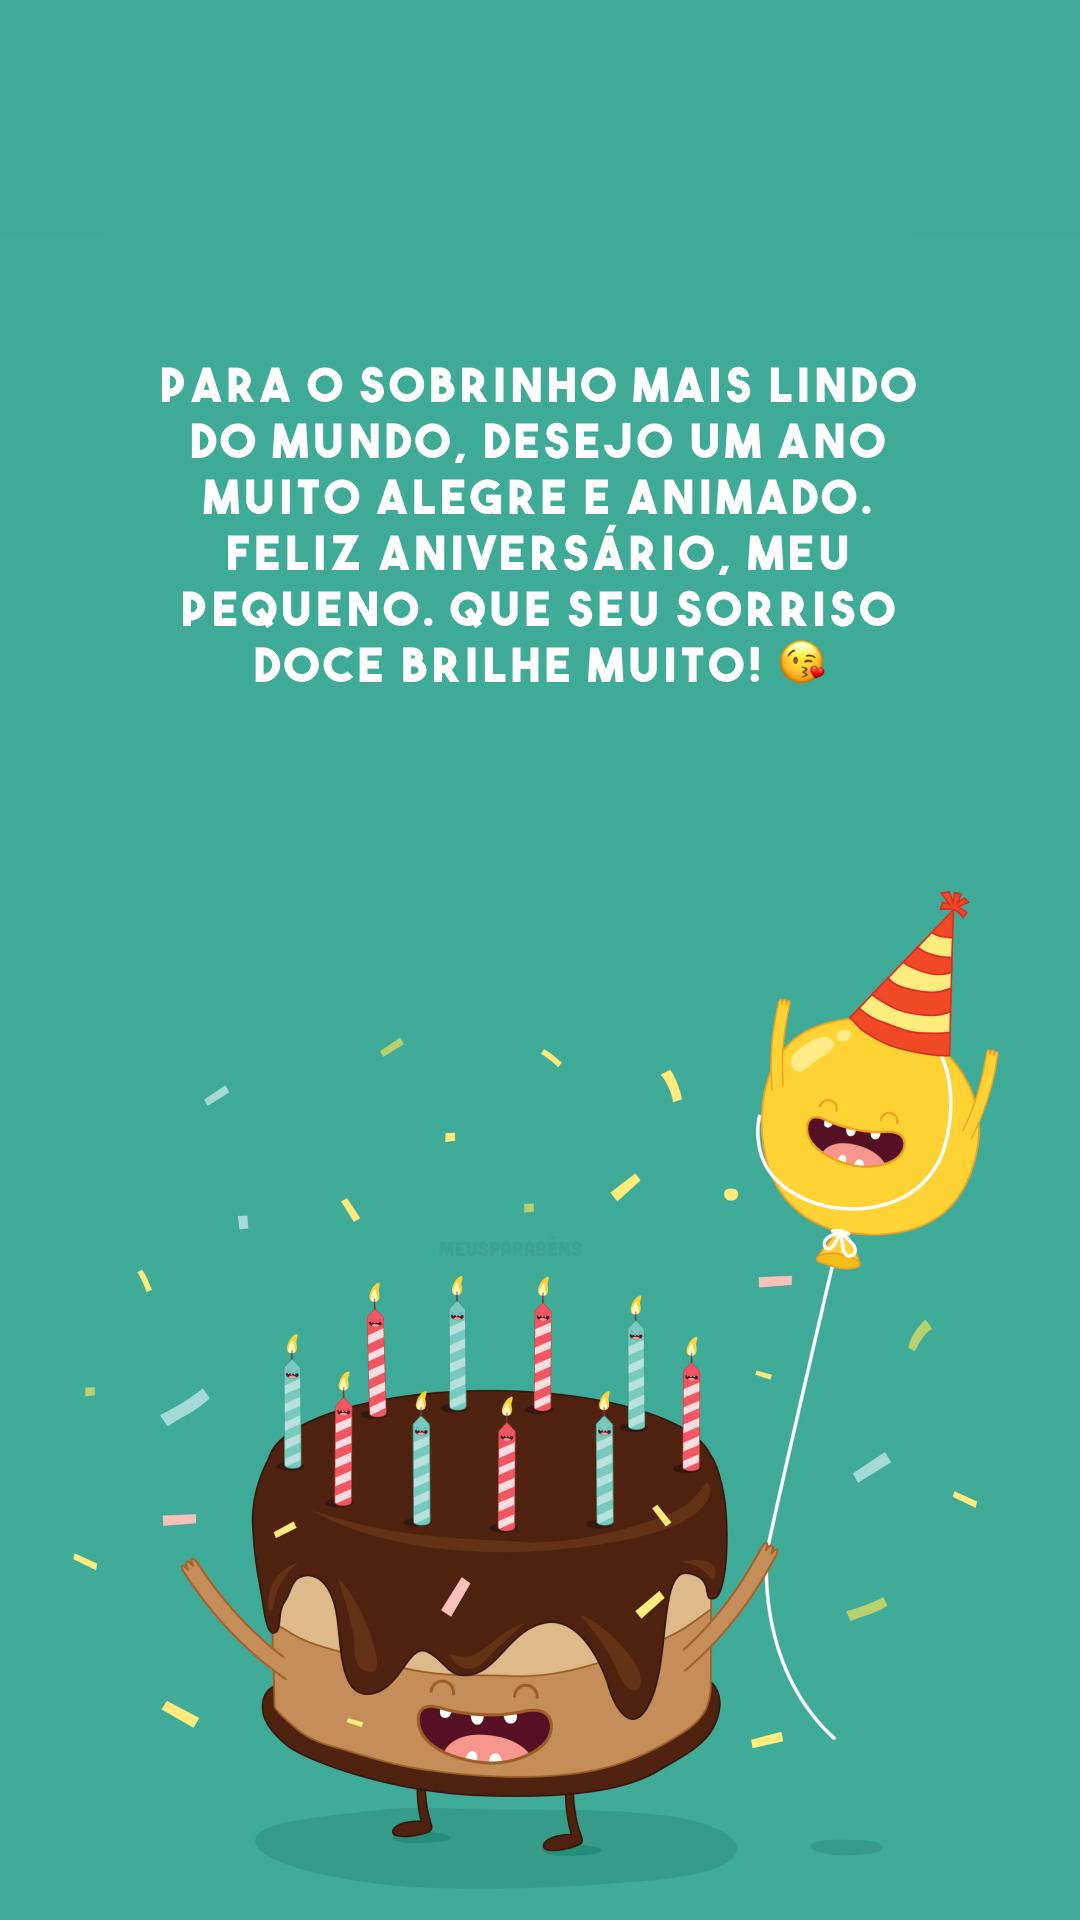 Para o sobrinho mais lindo do mundo, desejo um ano muito alegre e animado. Feliz aniversário, meu pequeno. Que seu sorriso doce brilhe muito! 😘